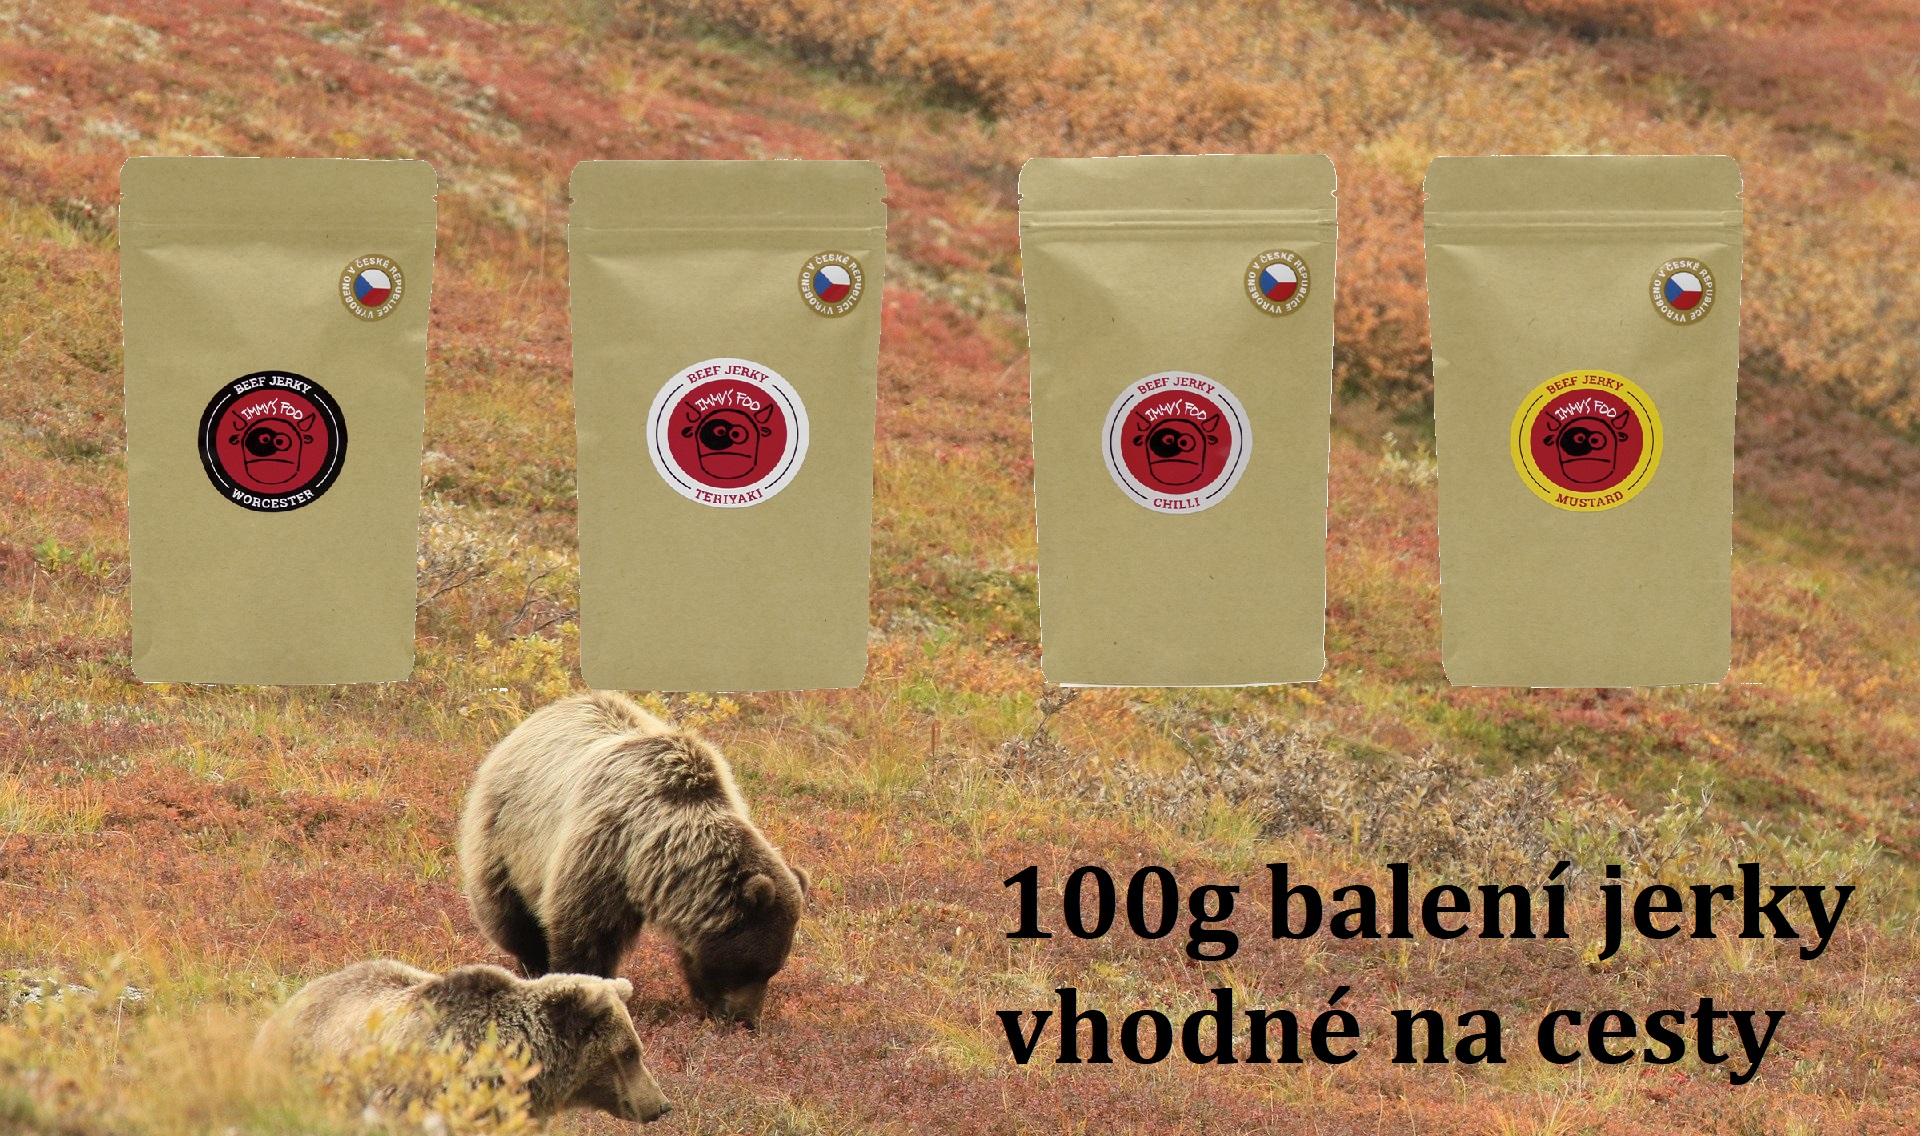 100g balení jerky